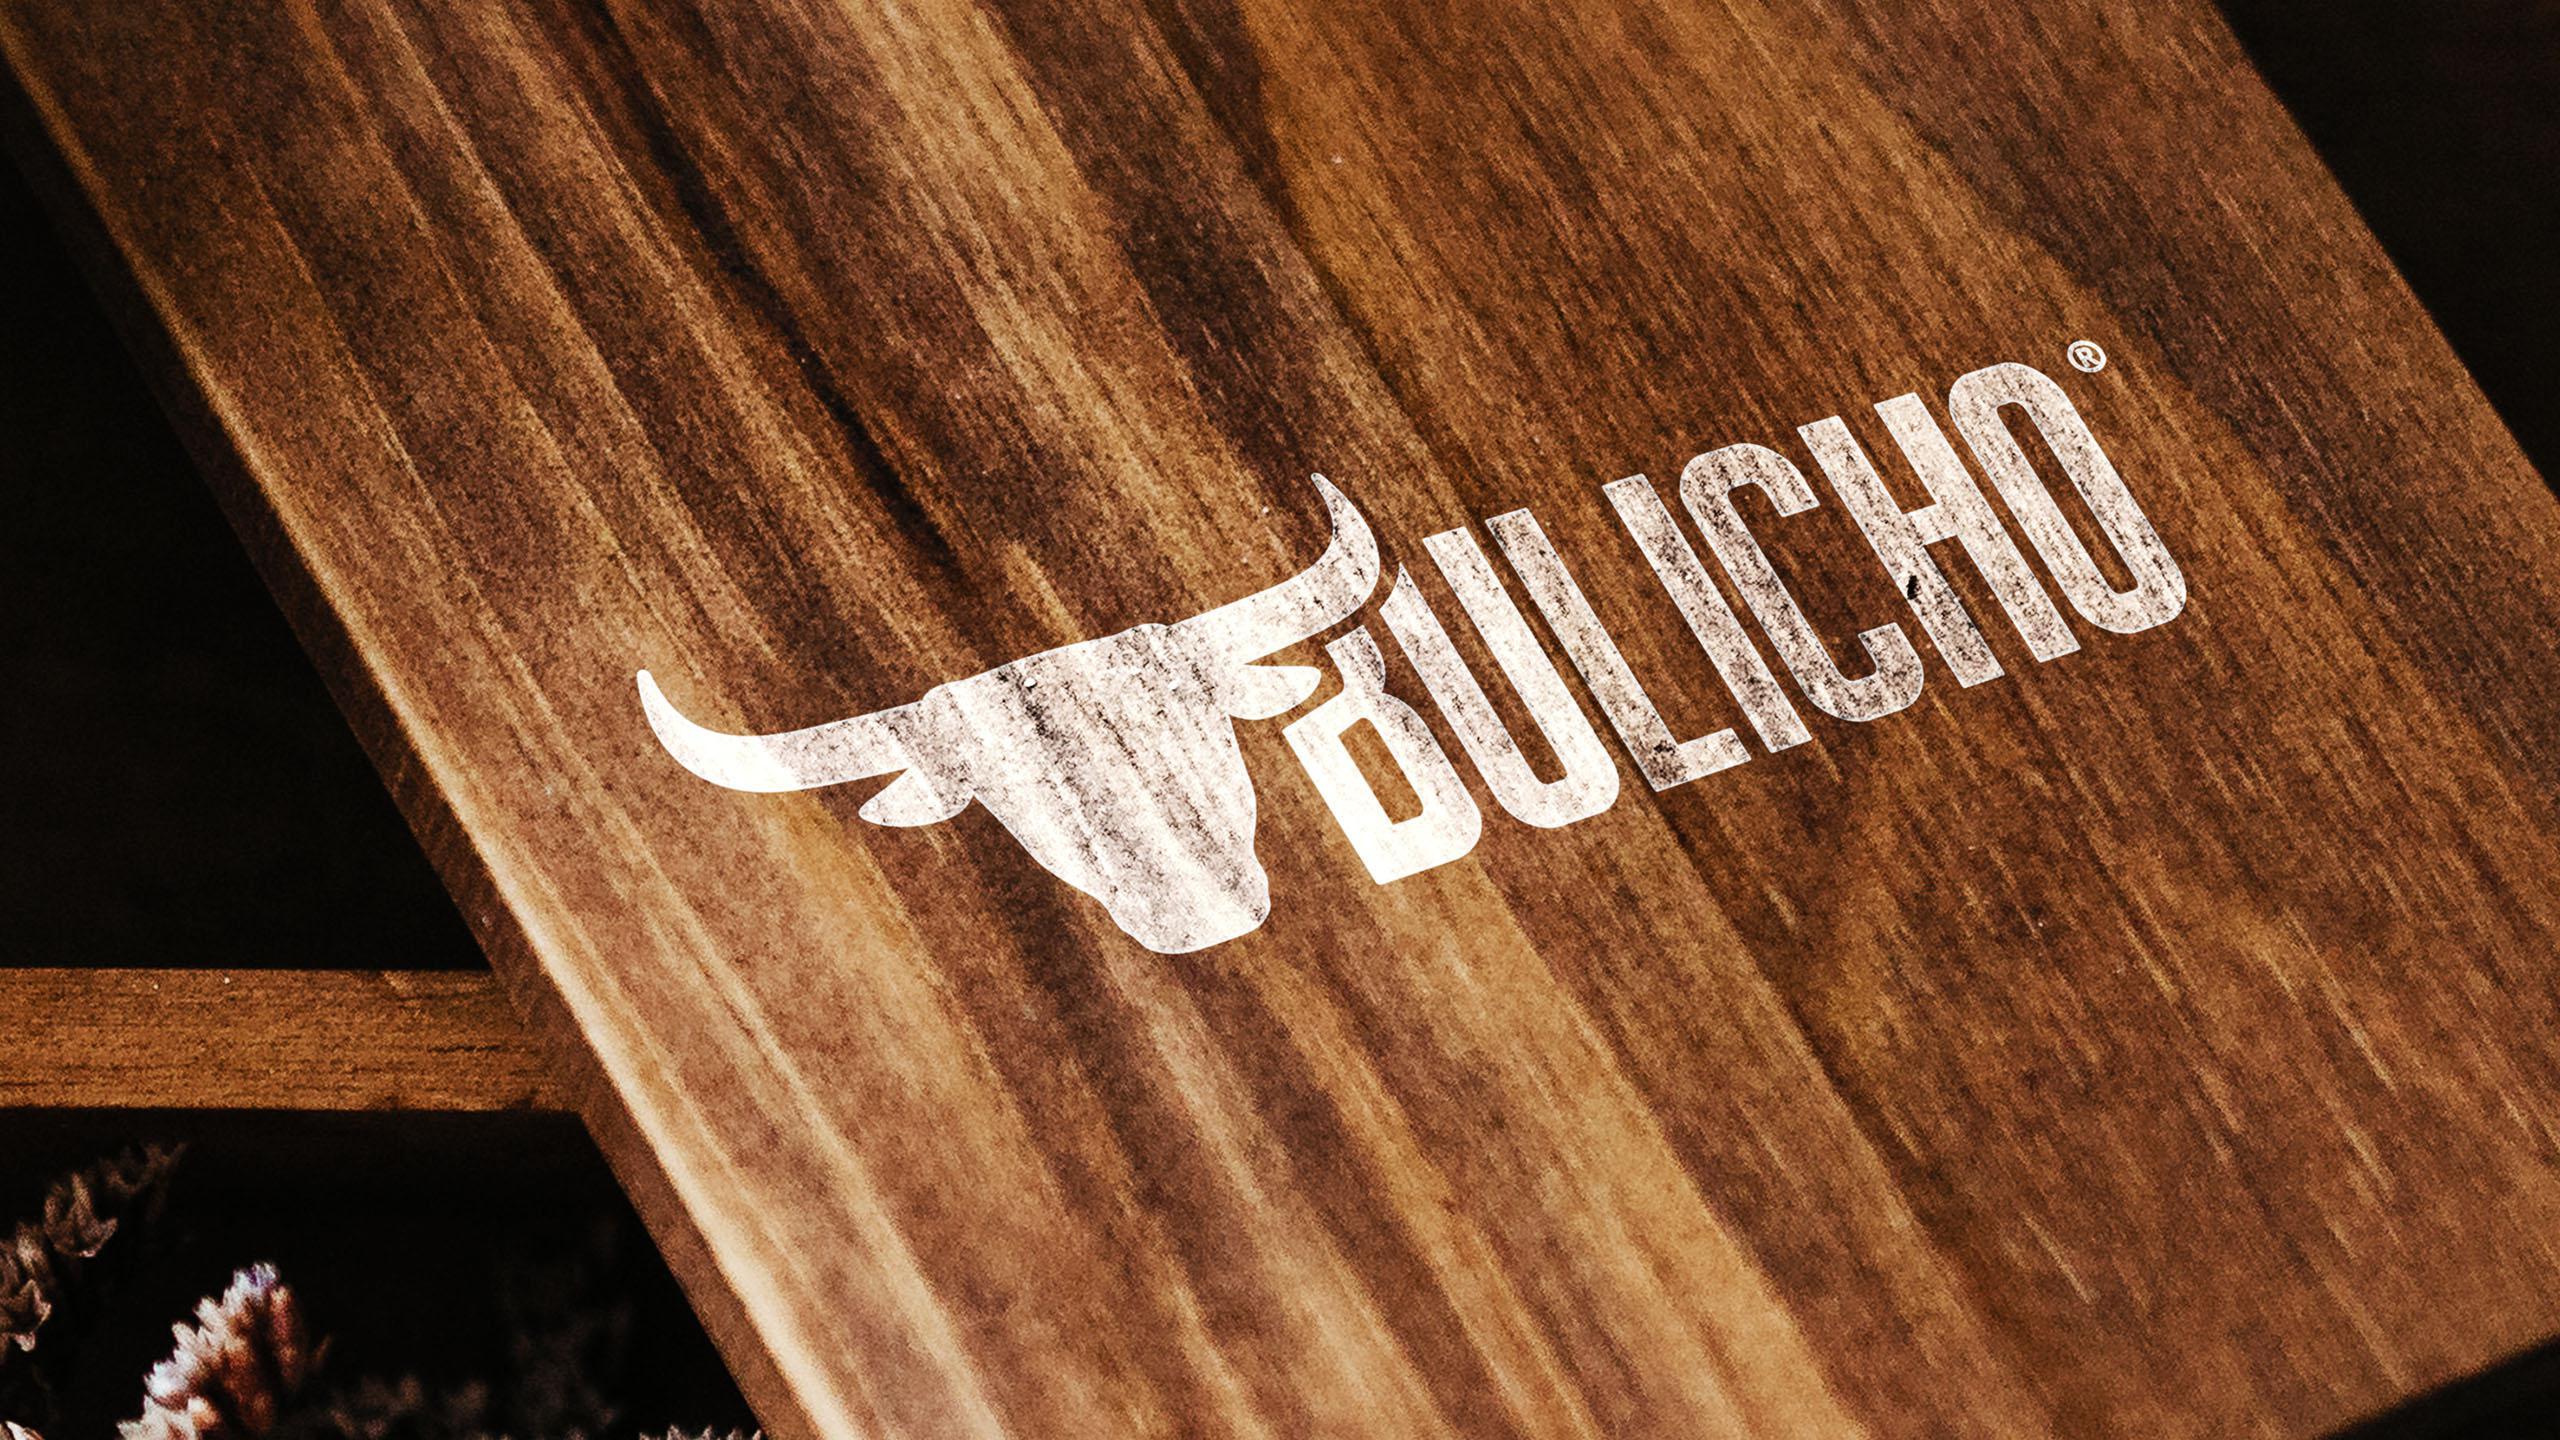 Bulicho